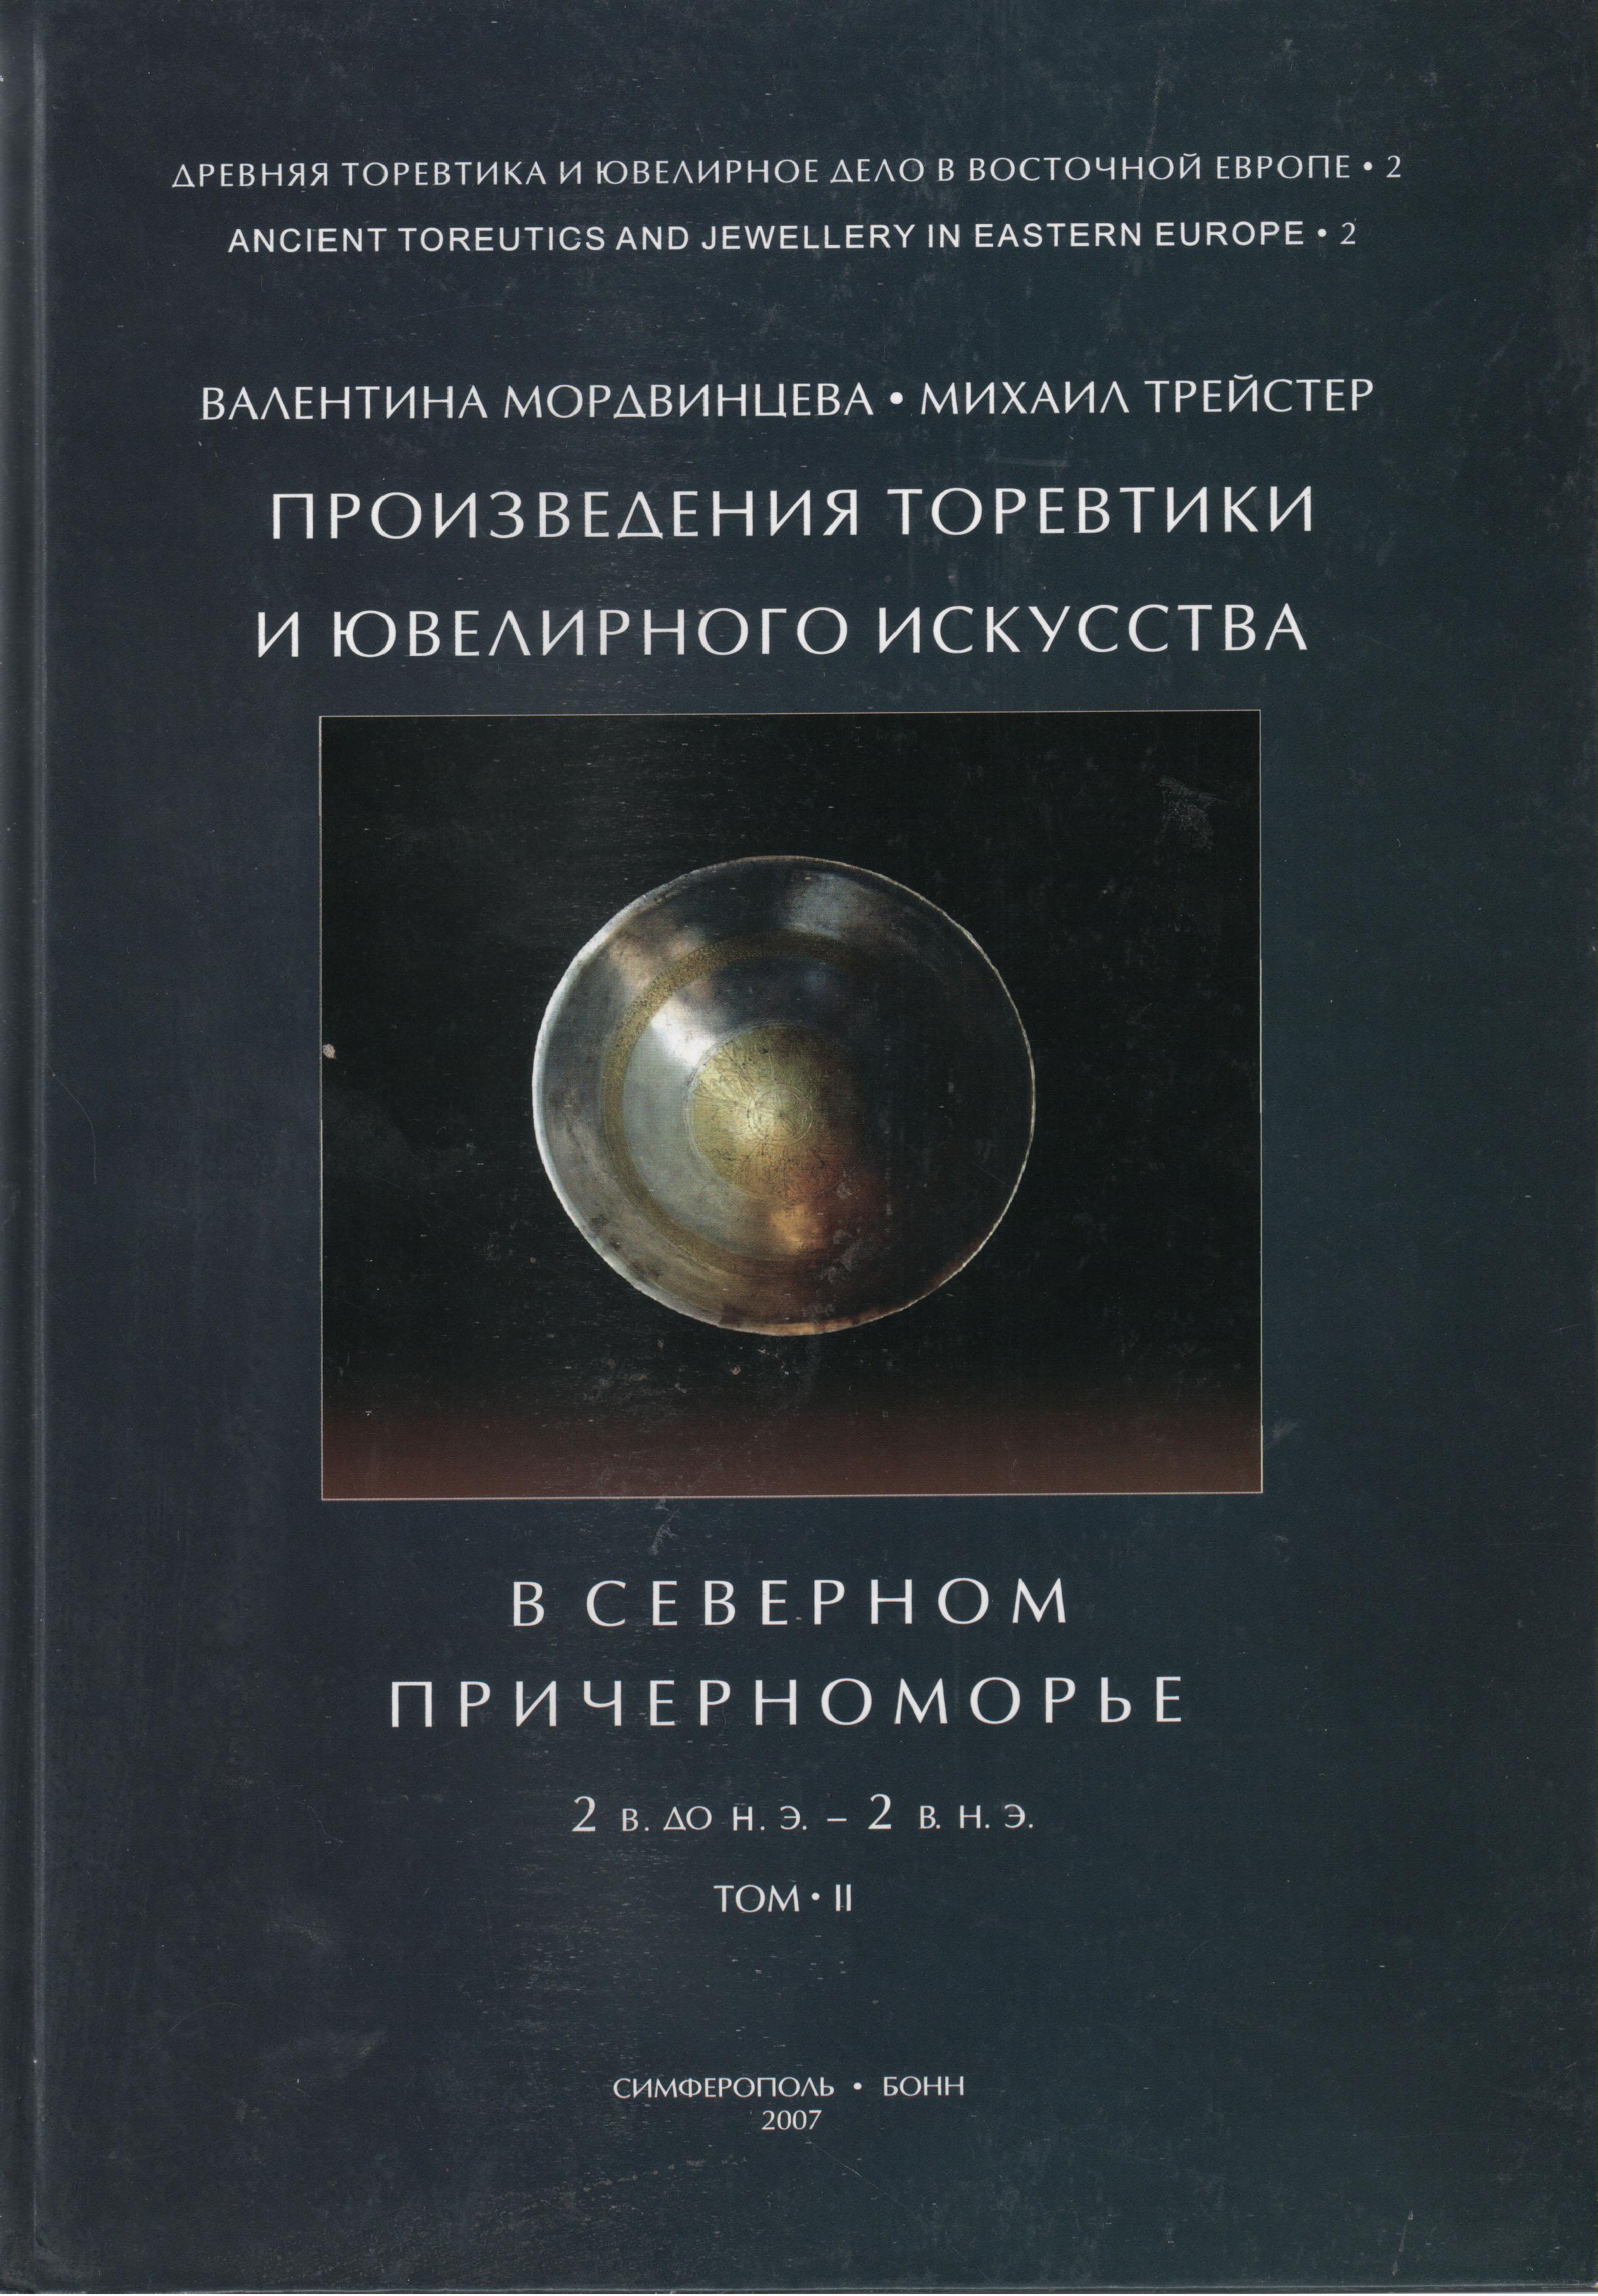 Произведения торевтики и ювелирного искусства в Северном Причерноморье 2 в. до н.э. – 2 в.н.э. Т. 2.